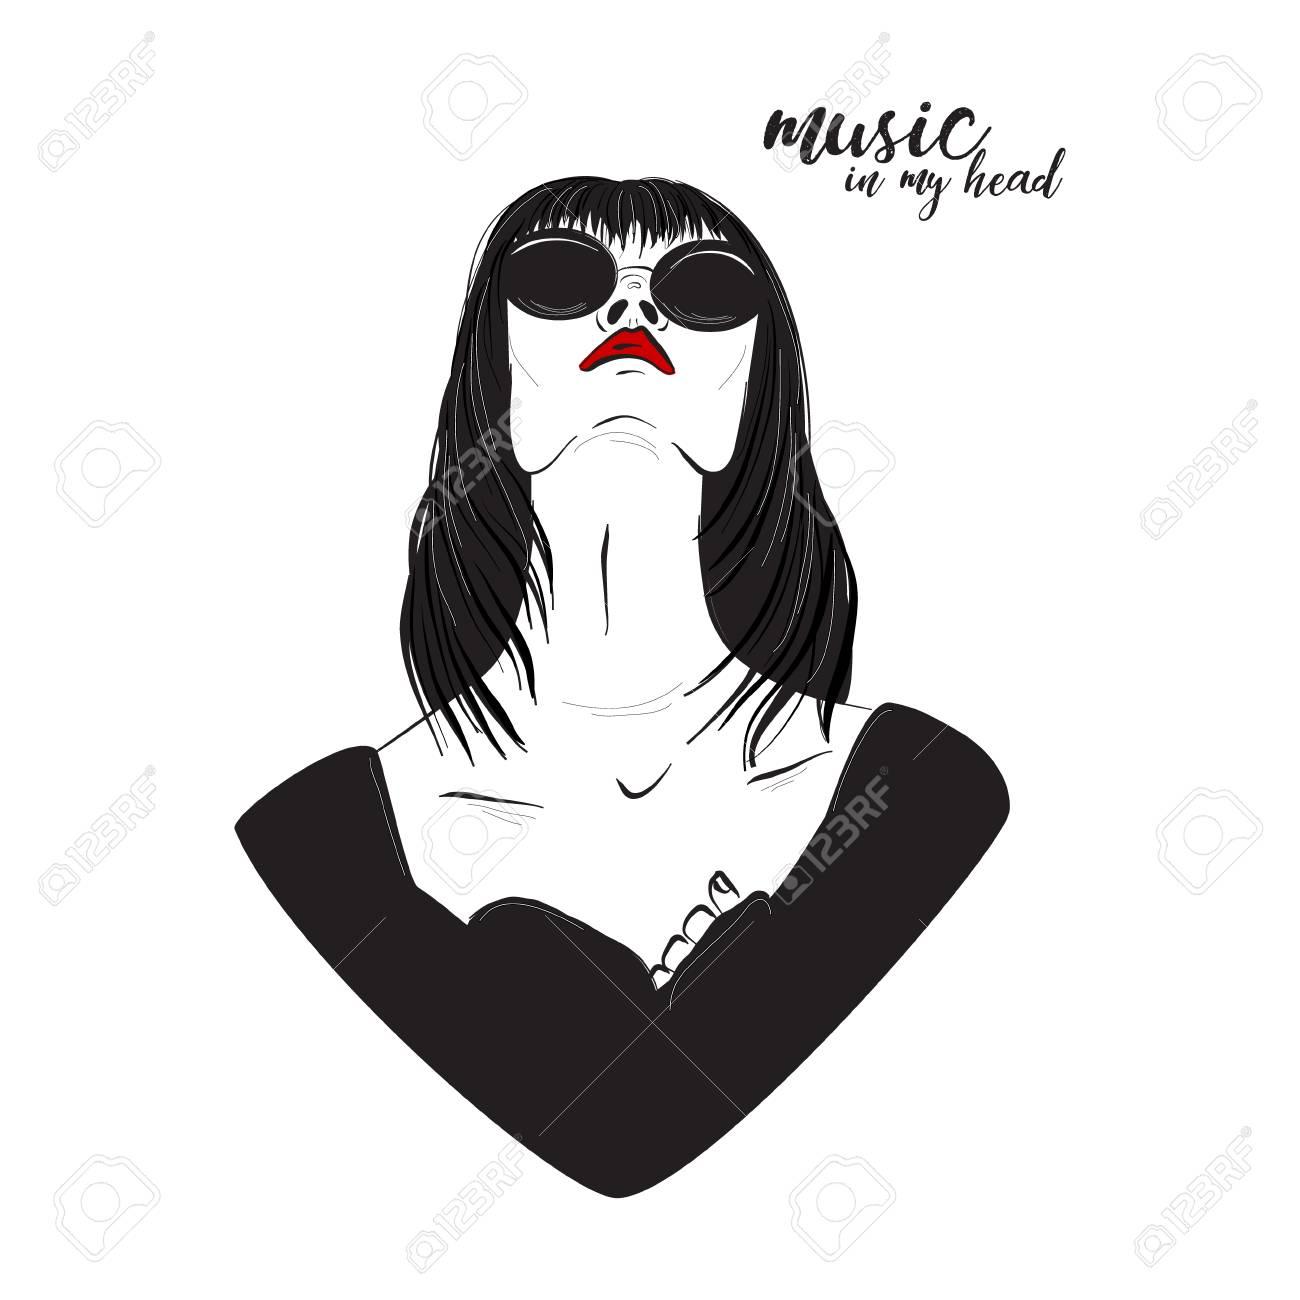 Musique Dans Mon Art Vectoriel De Coeur Dessin Au Trait Noir Blanc De Femme Avec Des Lèvres Rouges Portant Des Lunettes De Soleil Refroidir Les